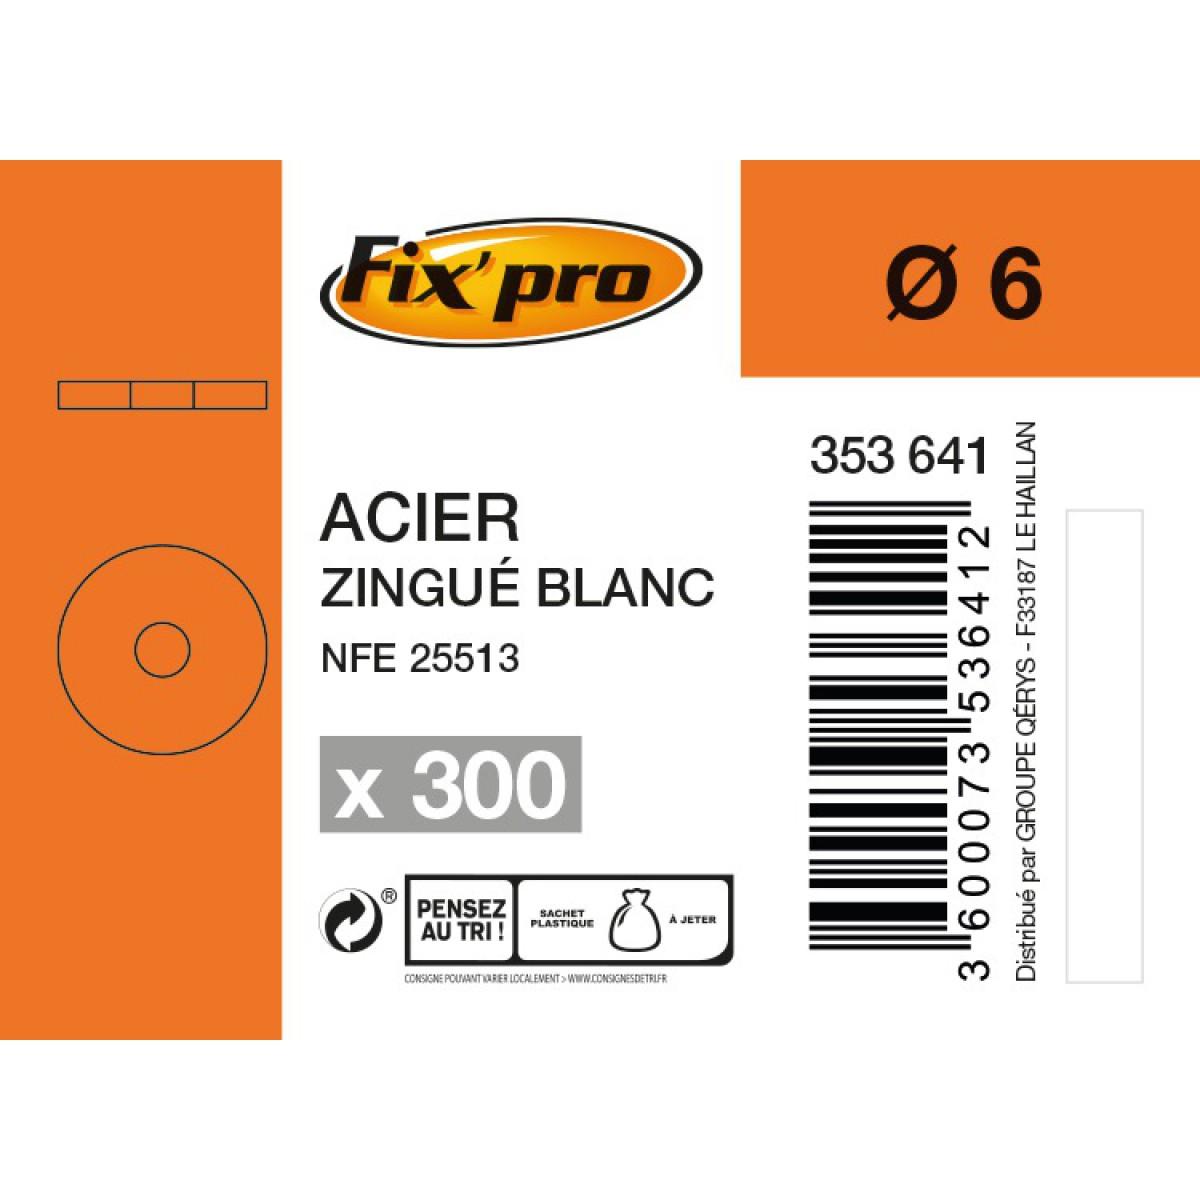 Rondelle carrossier acier zingué - Ø6mm - 300pces - Fixpro